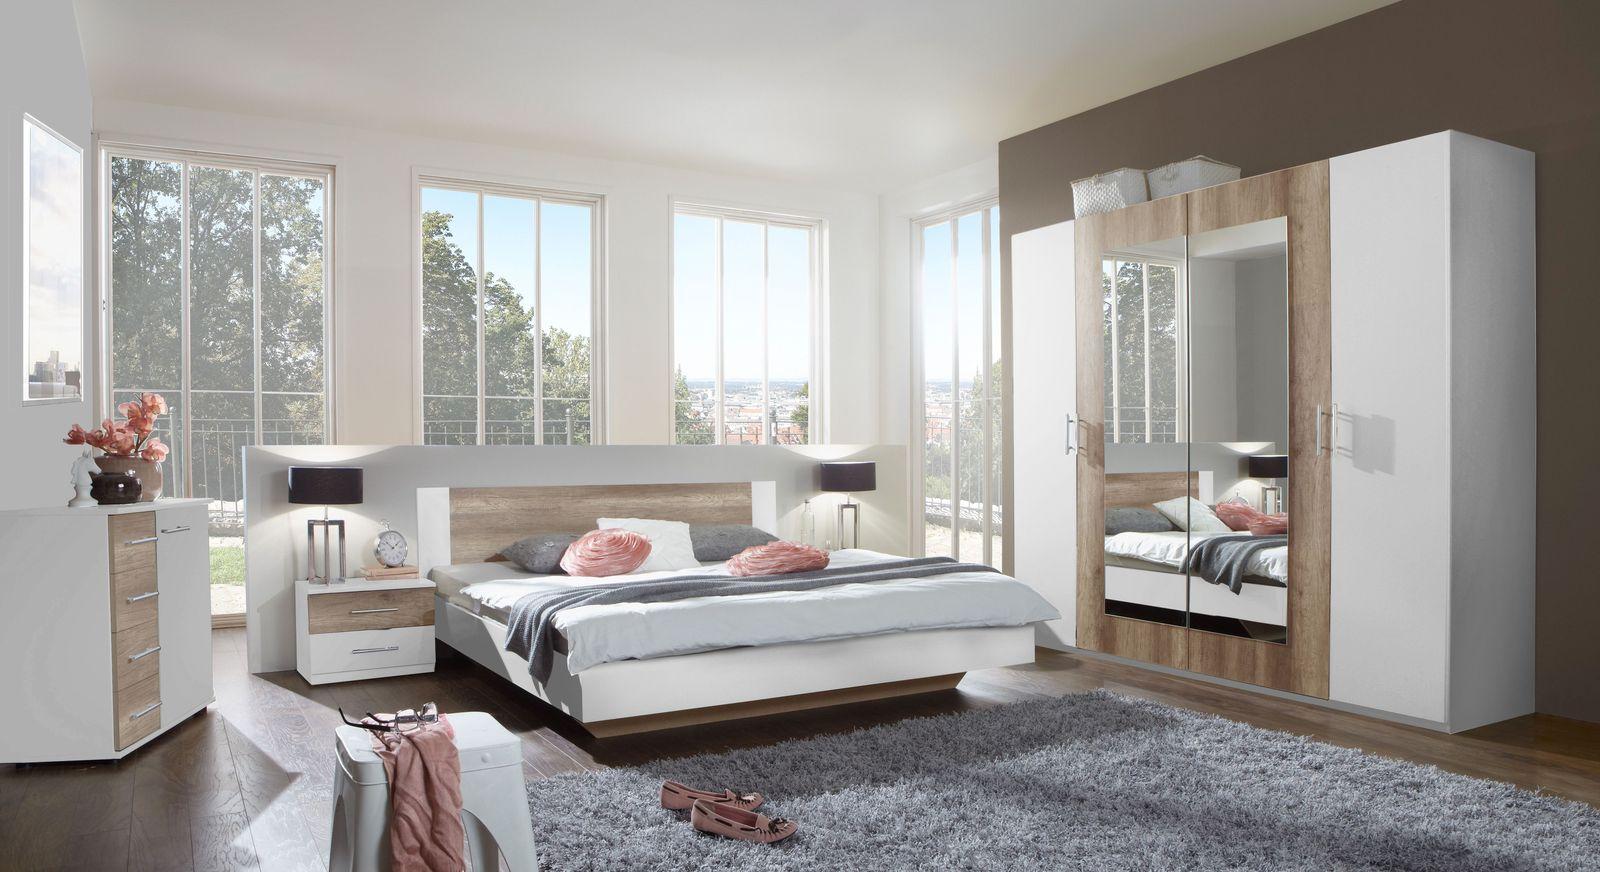 Schlafzimmer Makeover - Ideen zur Schlafzimmer Neu